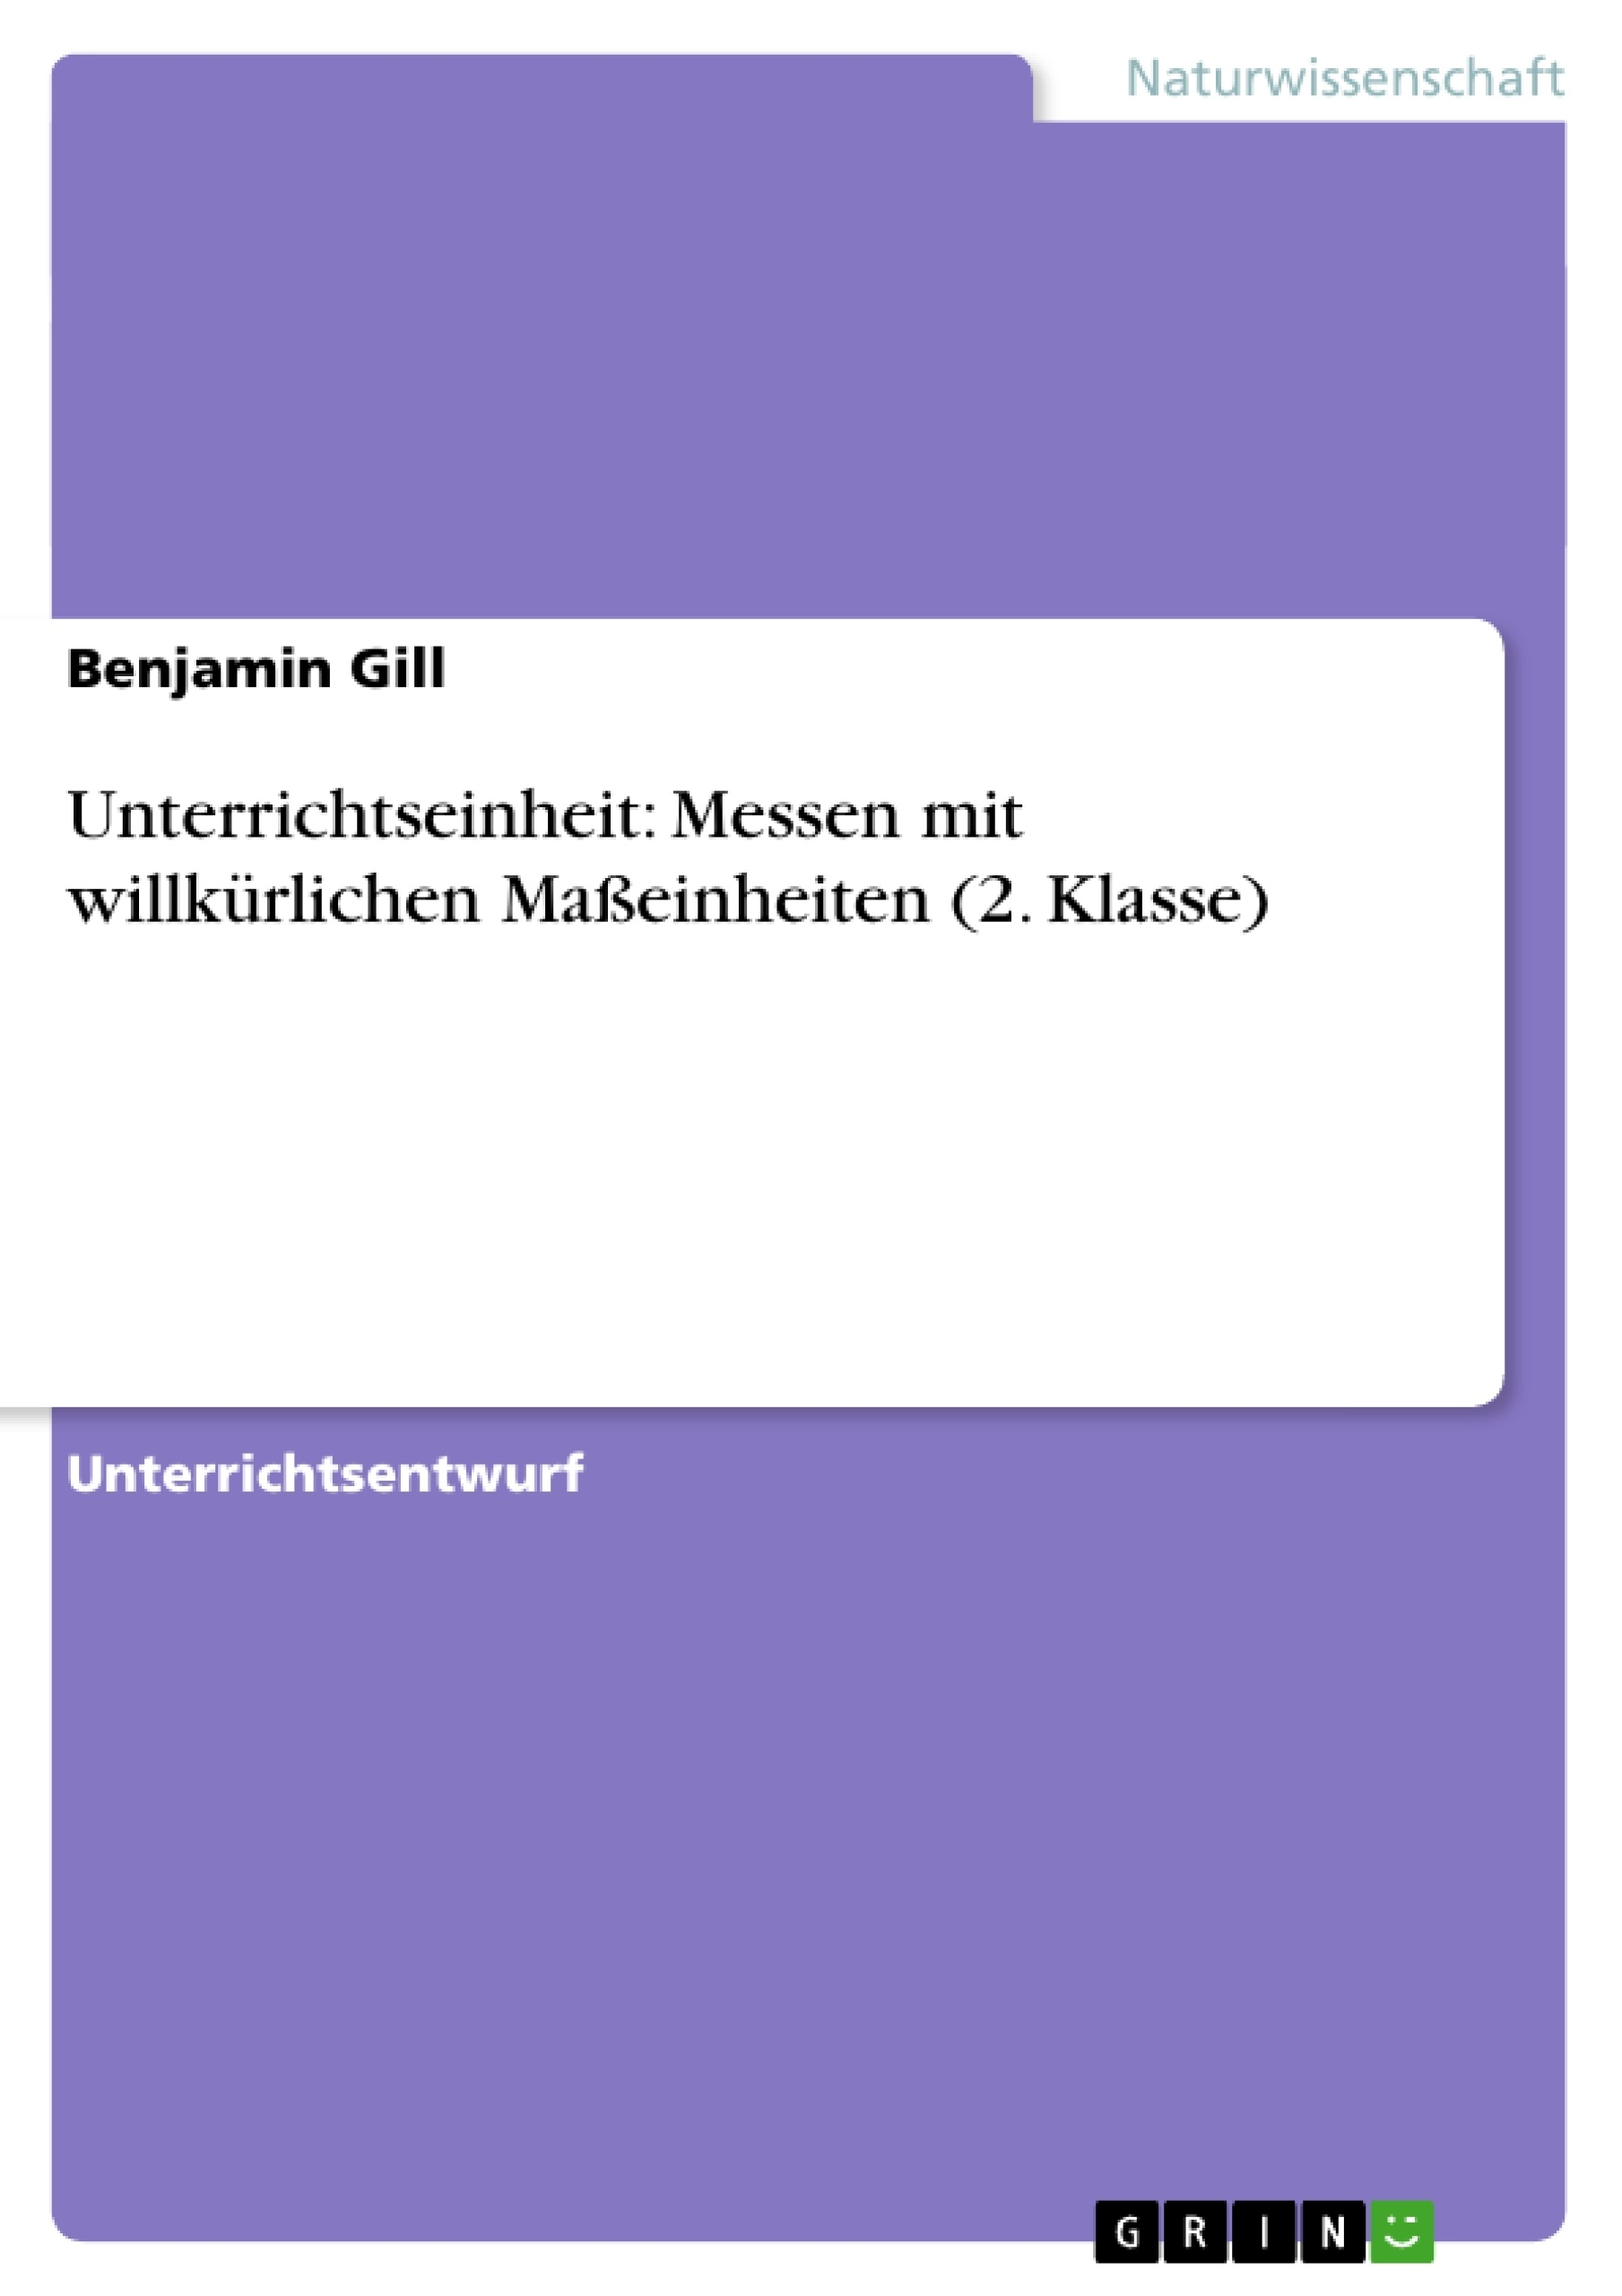 Titel: Unterrichtseinheit: Messen mit willkürlichen Maßeinheiten (2. Klasse)